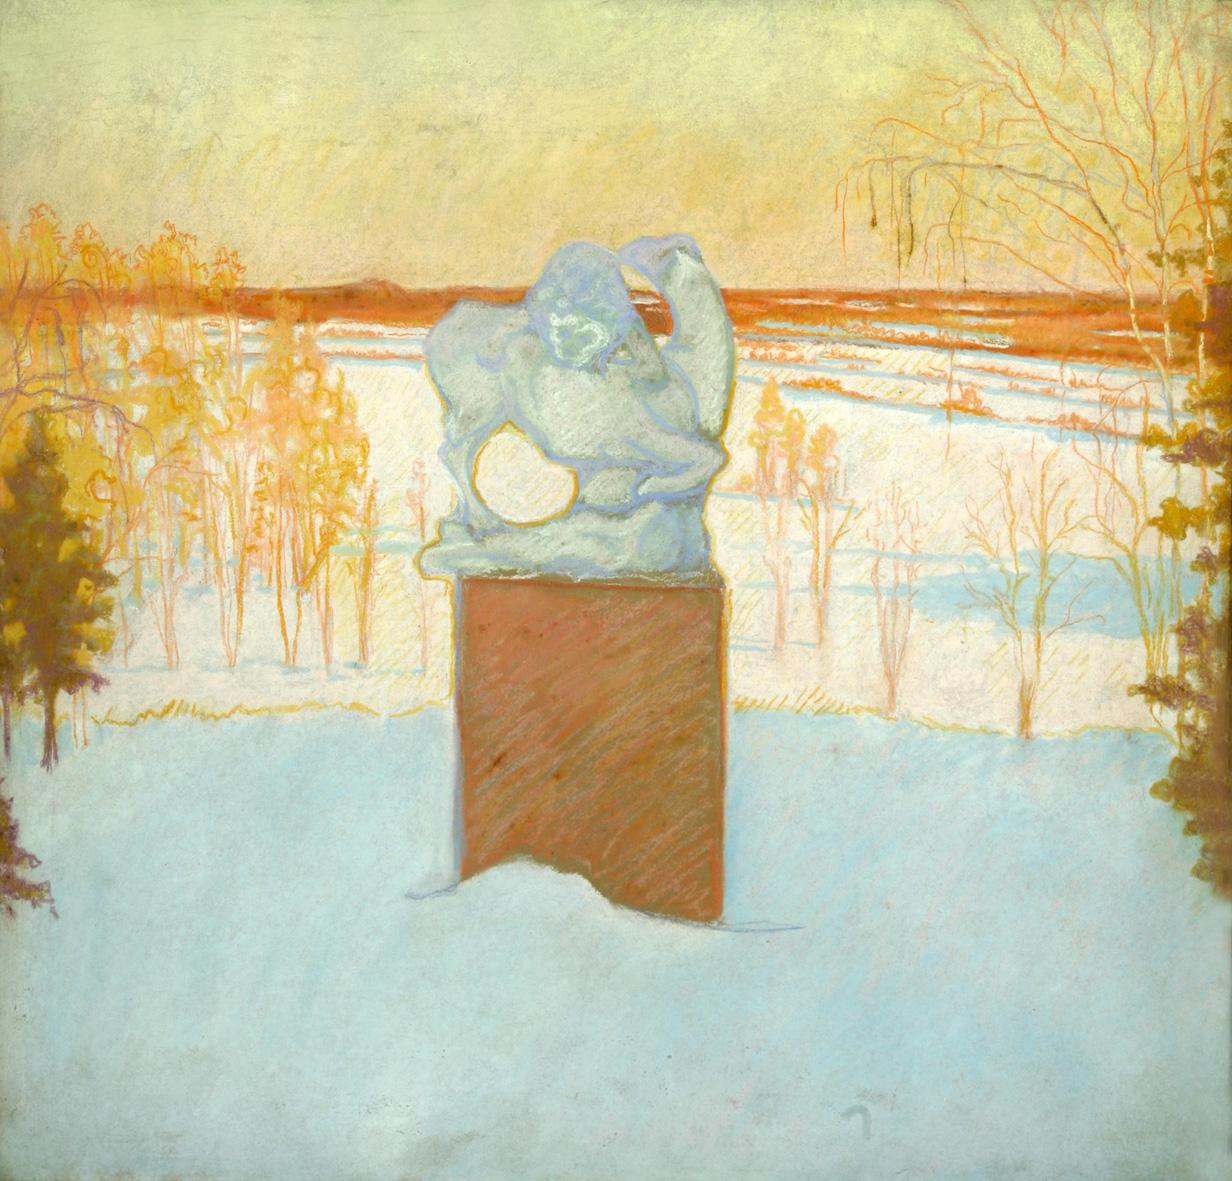 Пейзаж со скульптурой. Райки